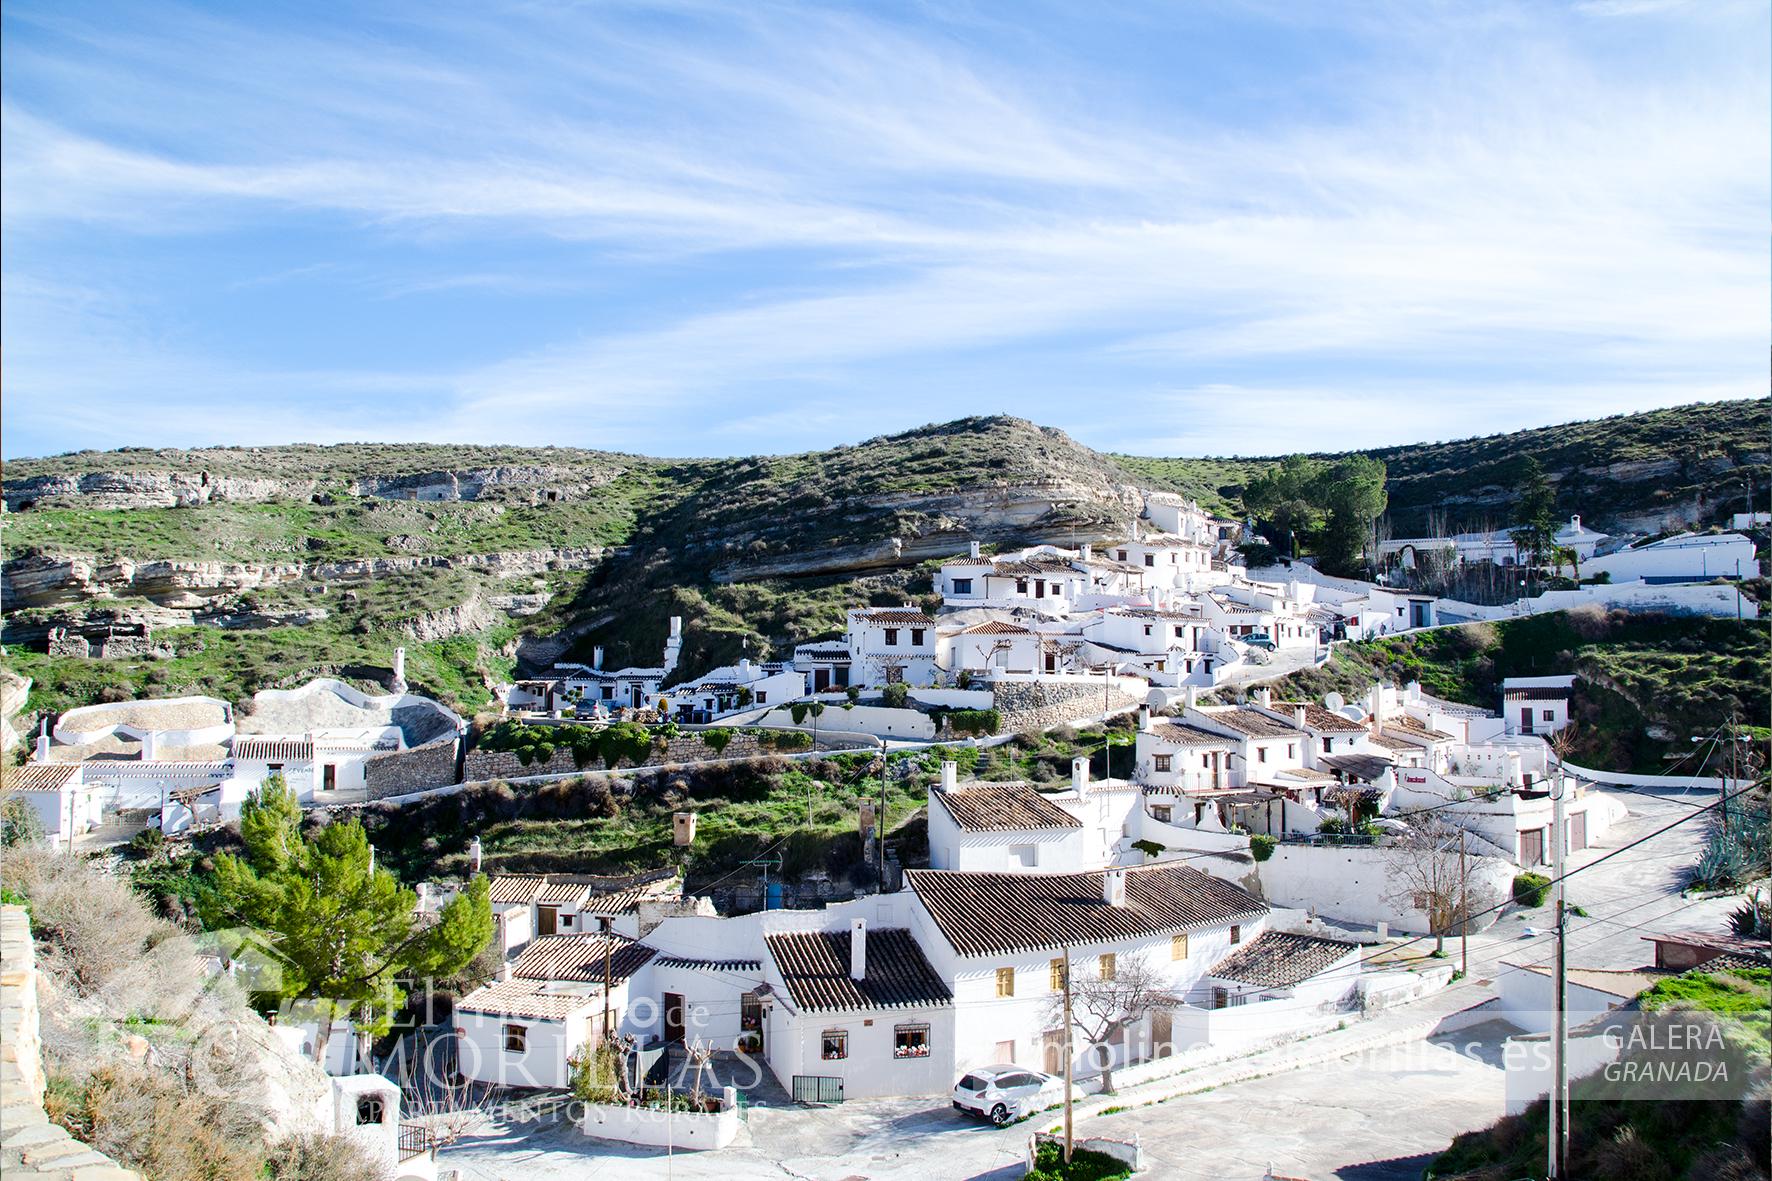 Barrio de casas-cueva en Galera